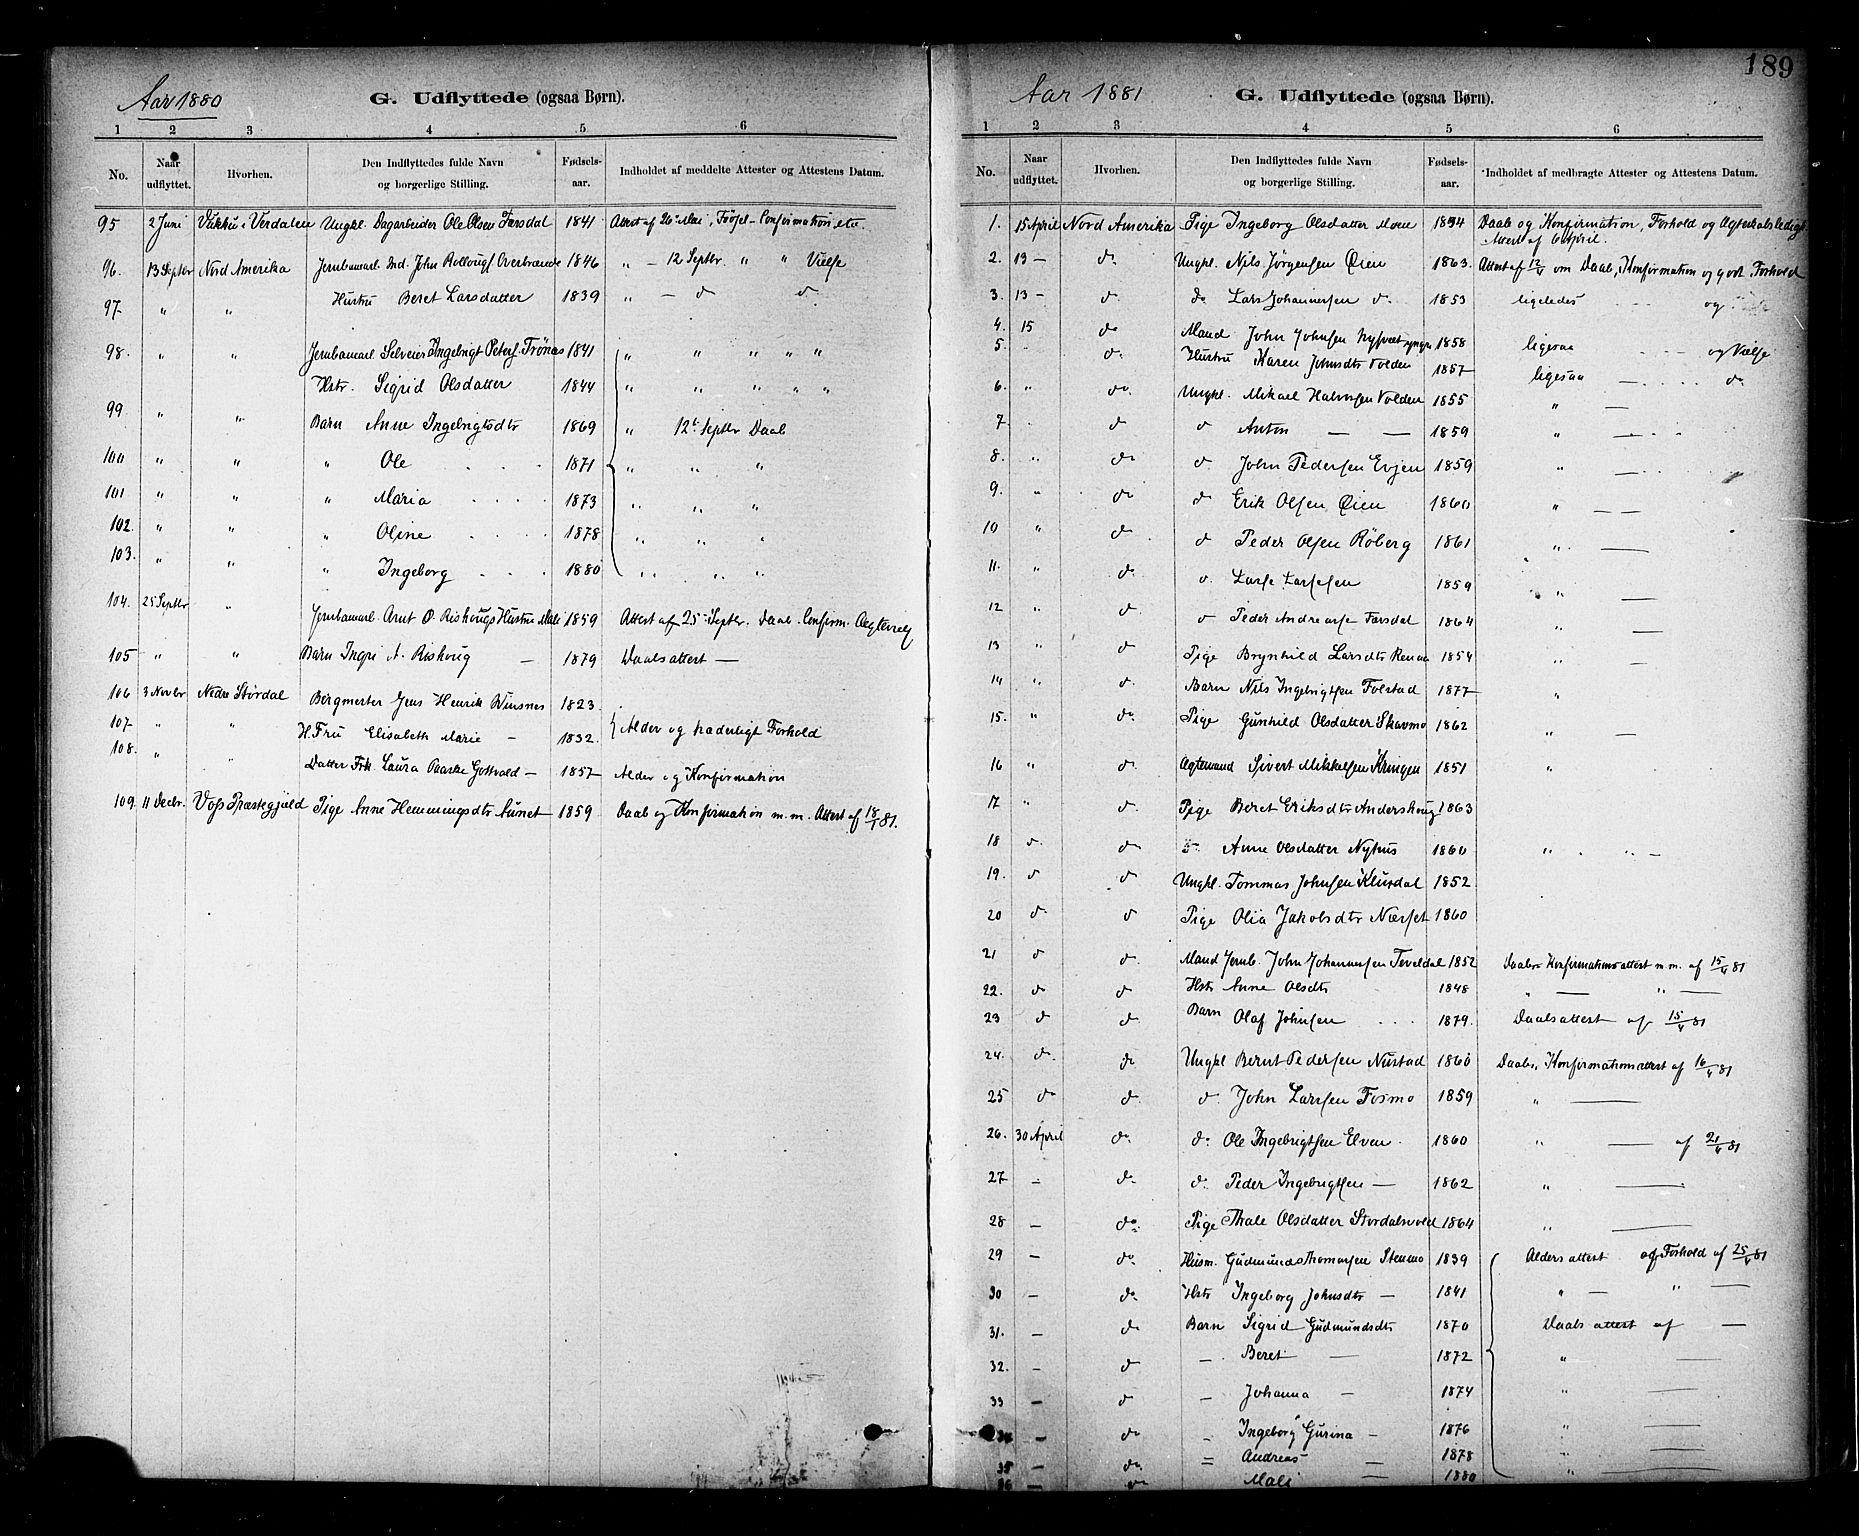 SAT, Ministerialprotokoller, klokkerbøker og fødselsregistre - Nord-Trøndelag, 706/L0047: Ministerialbok nr. 706A03, 1878-1892, s. 189